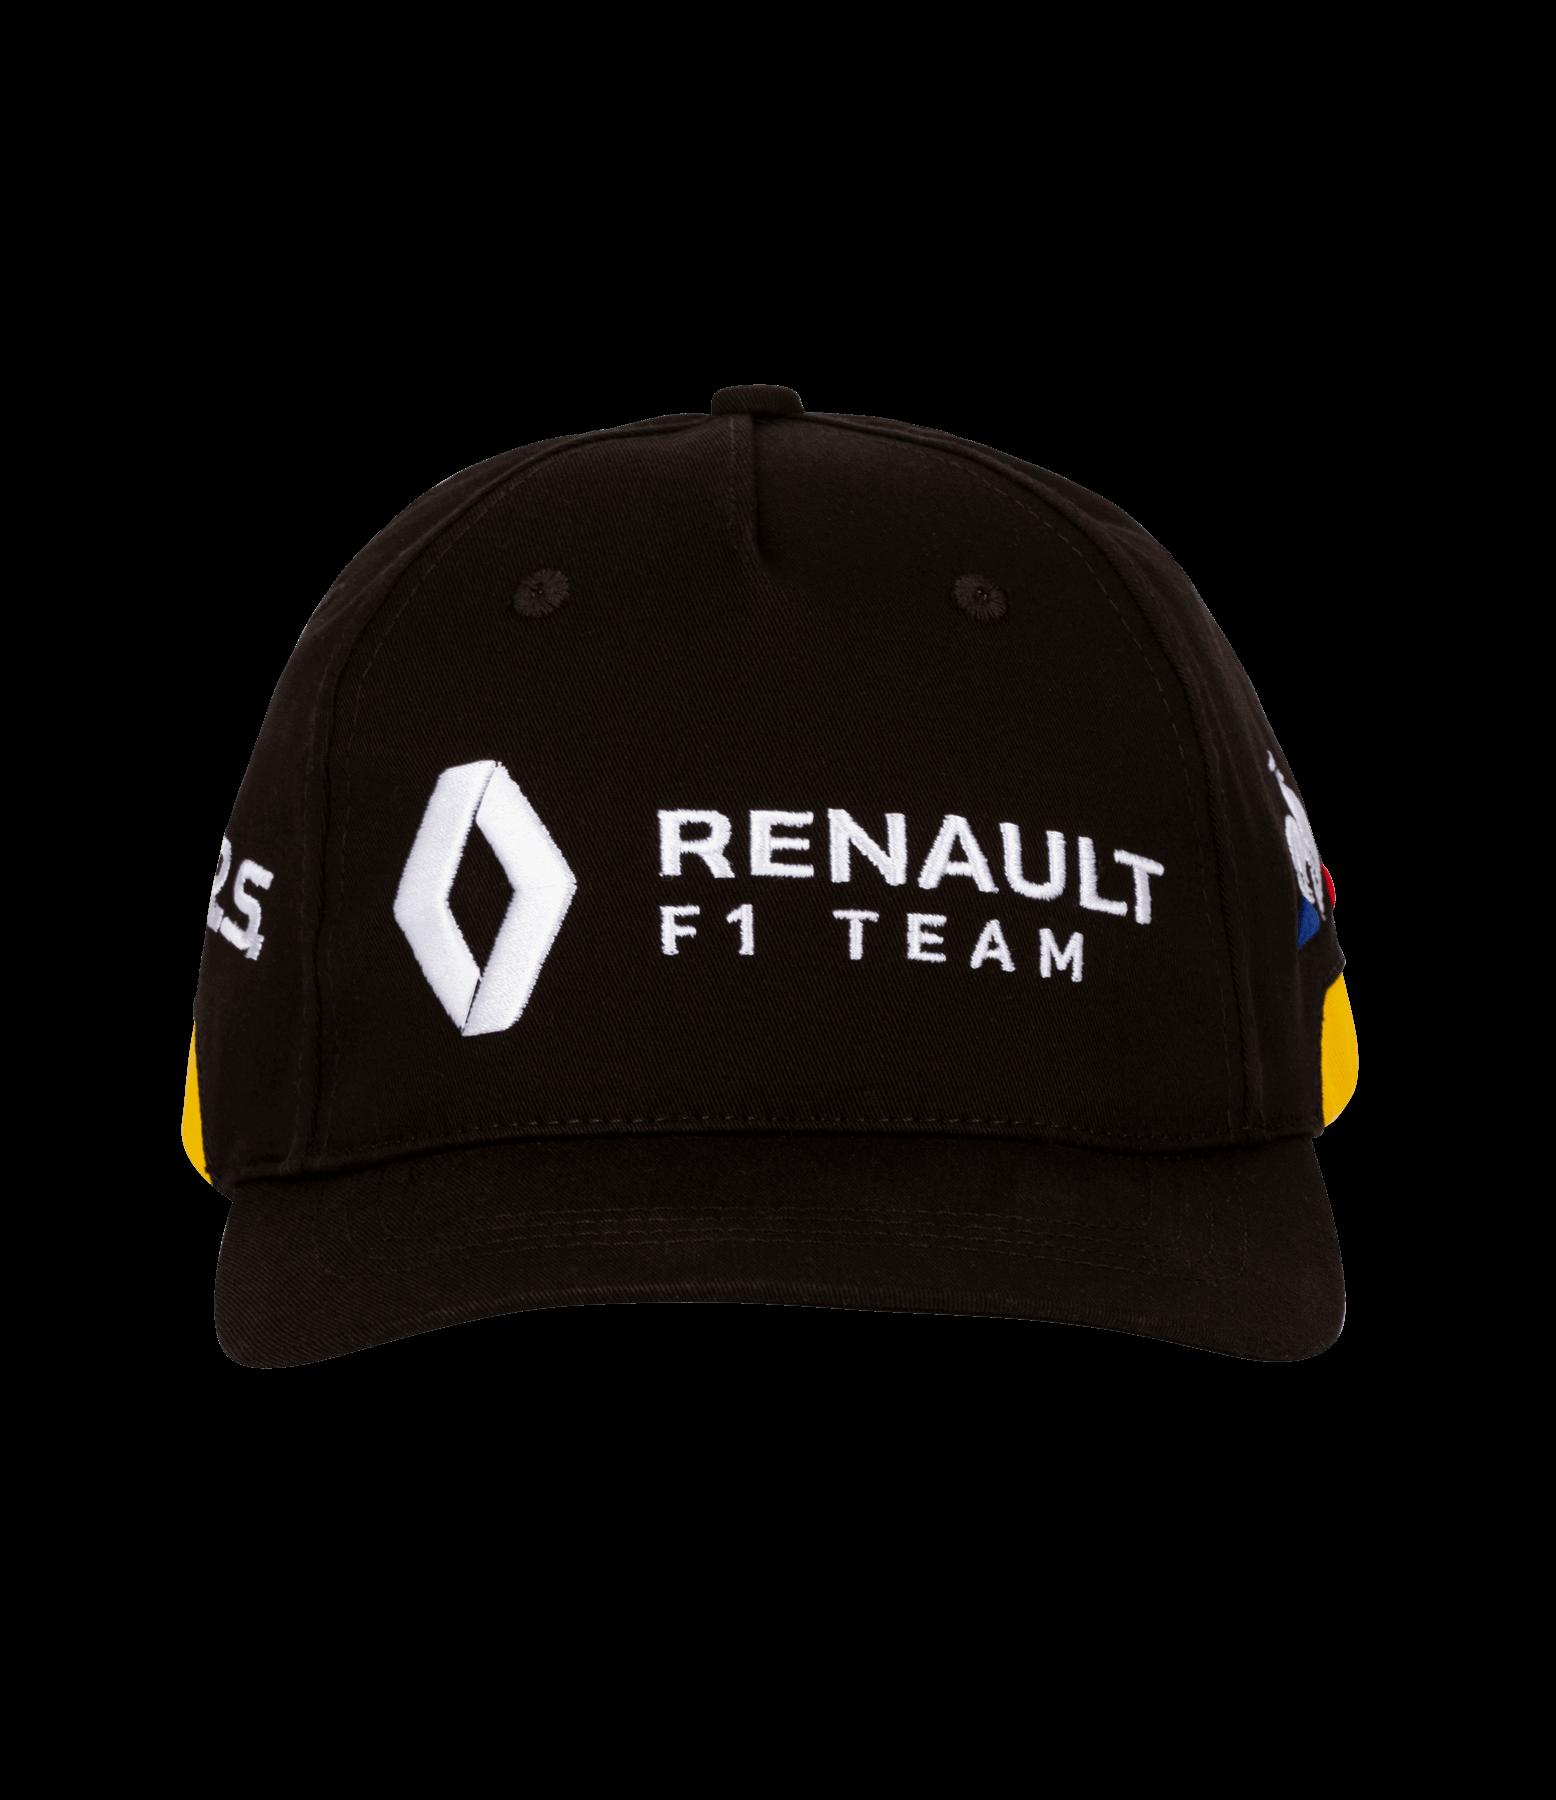 nouveaux styles 0dcb4 b17e6 Casquette RENAULT F1® TEAM 2019 noire - Site Officiel RS F1